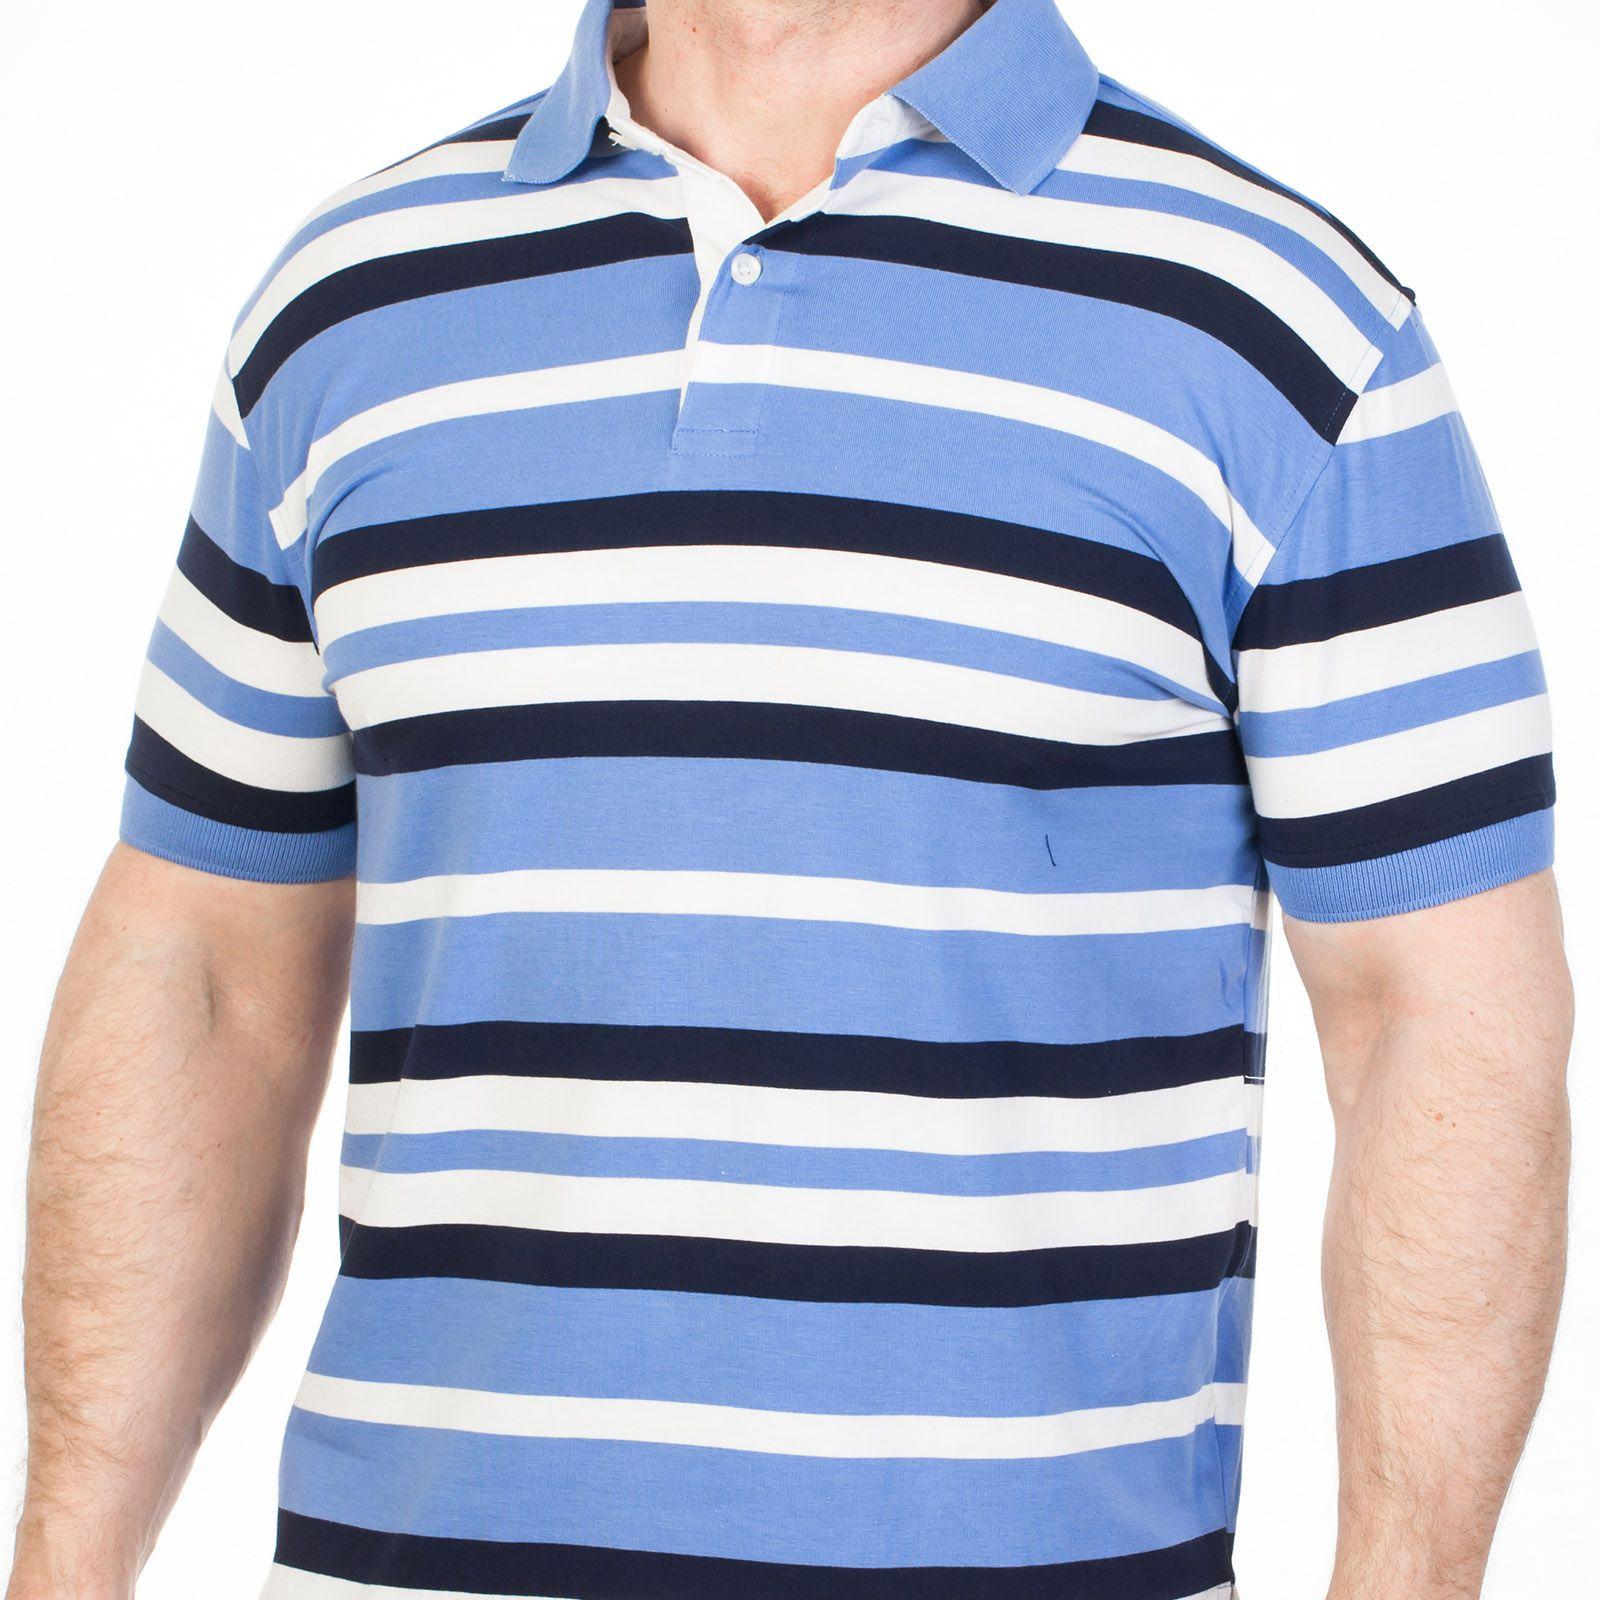 Купить футболки поло в Саранске оптом и в розницу 51e411ca3a419